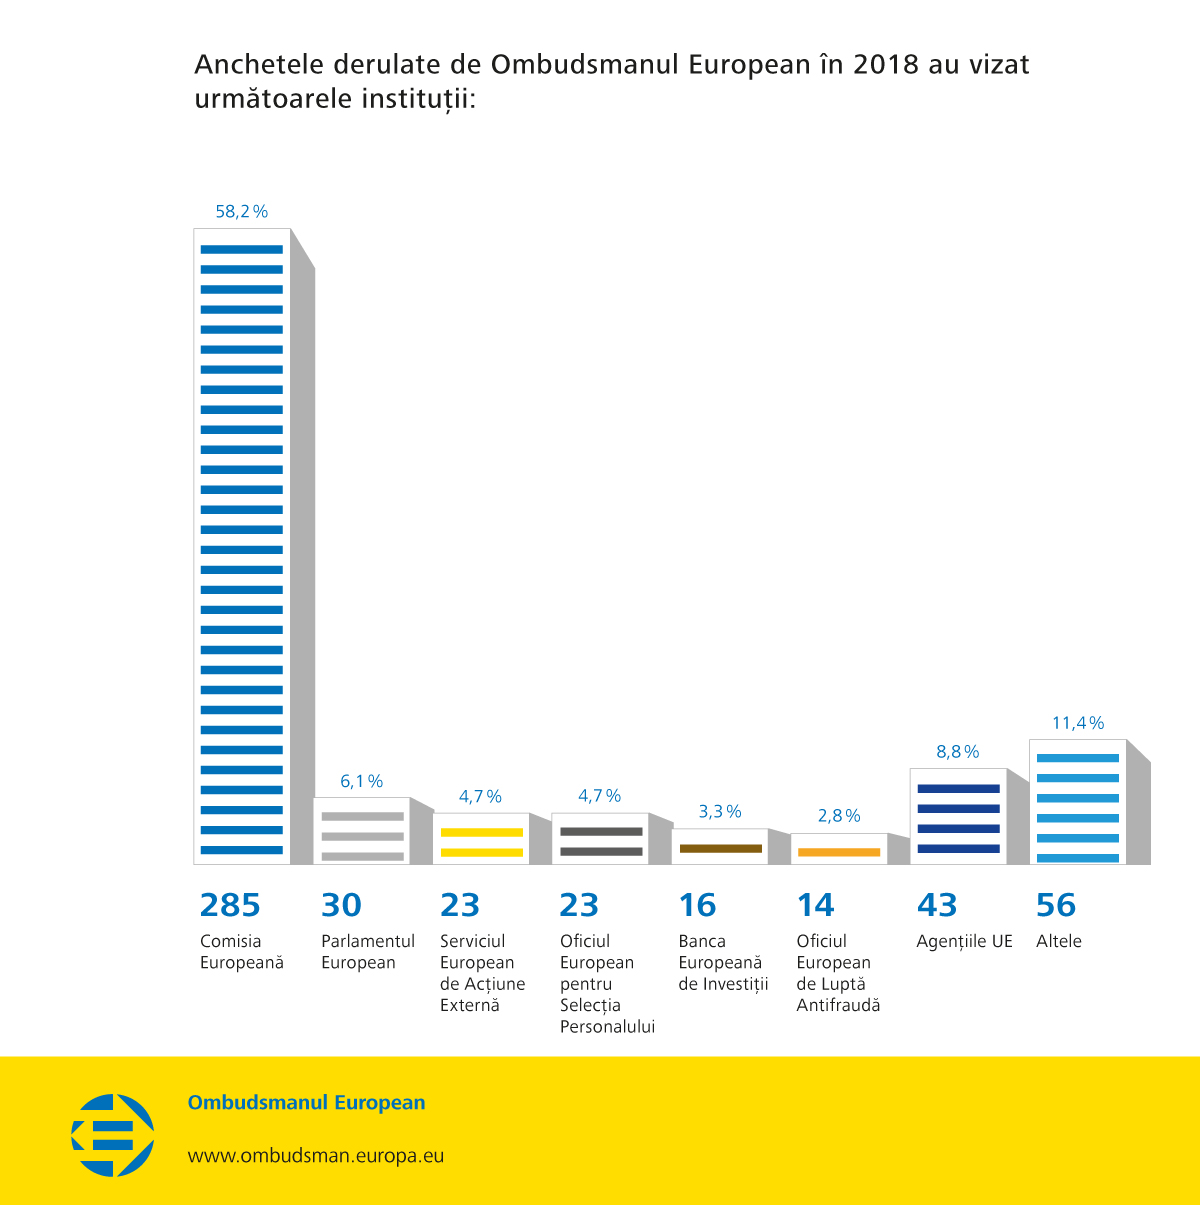 Anchetele derulate de Ombudsmanul European în 2018 au vizat următoarele instituții: